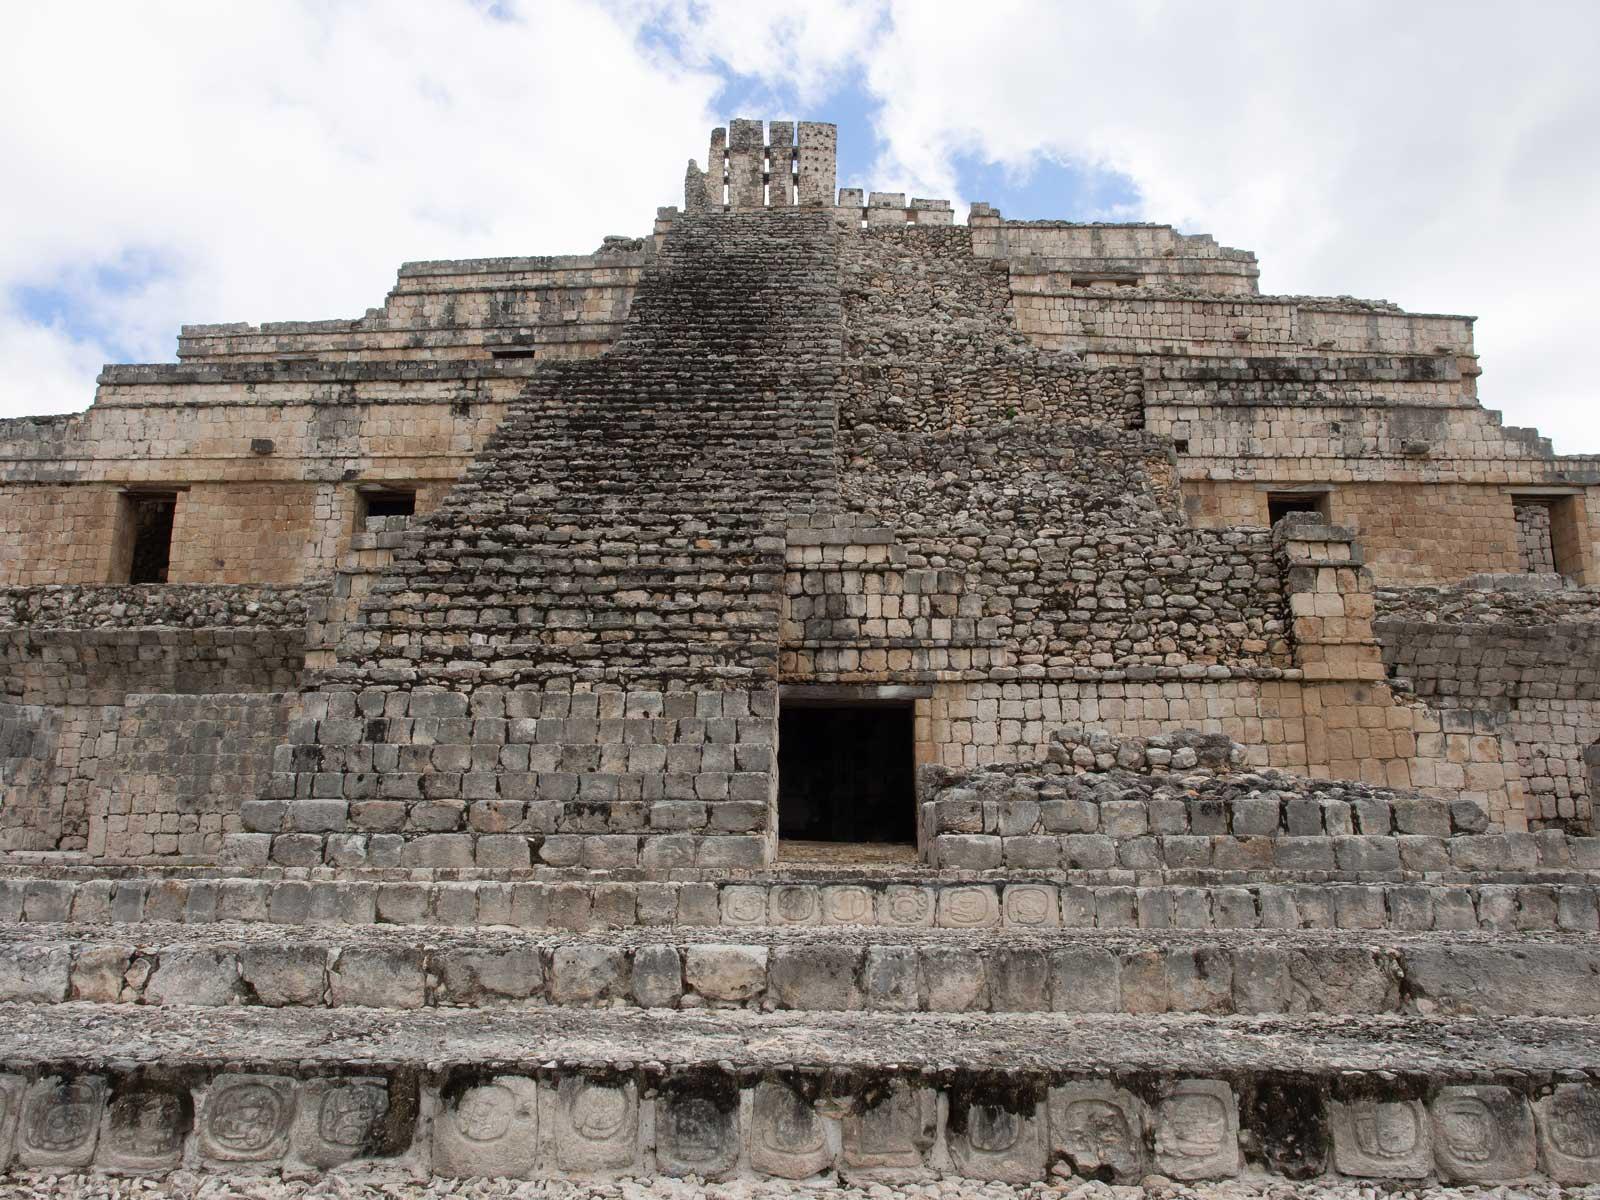 Edzná Pyramide